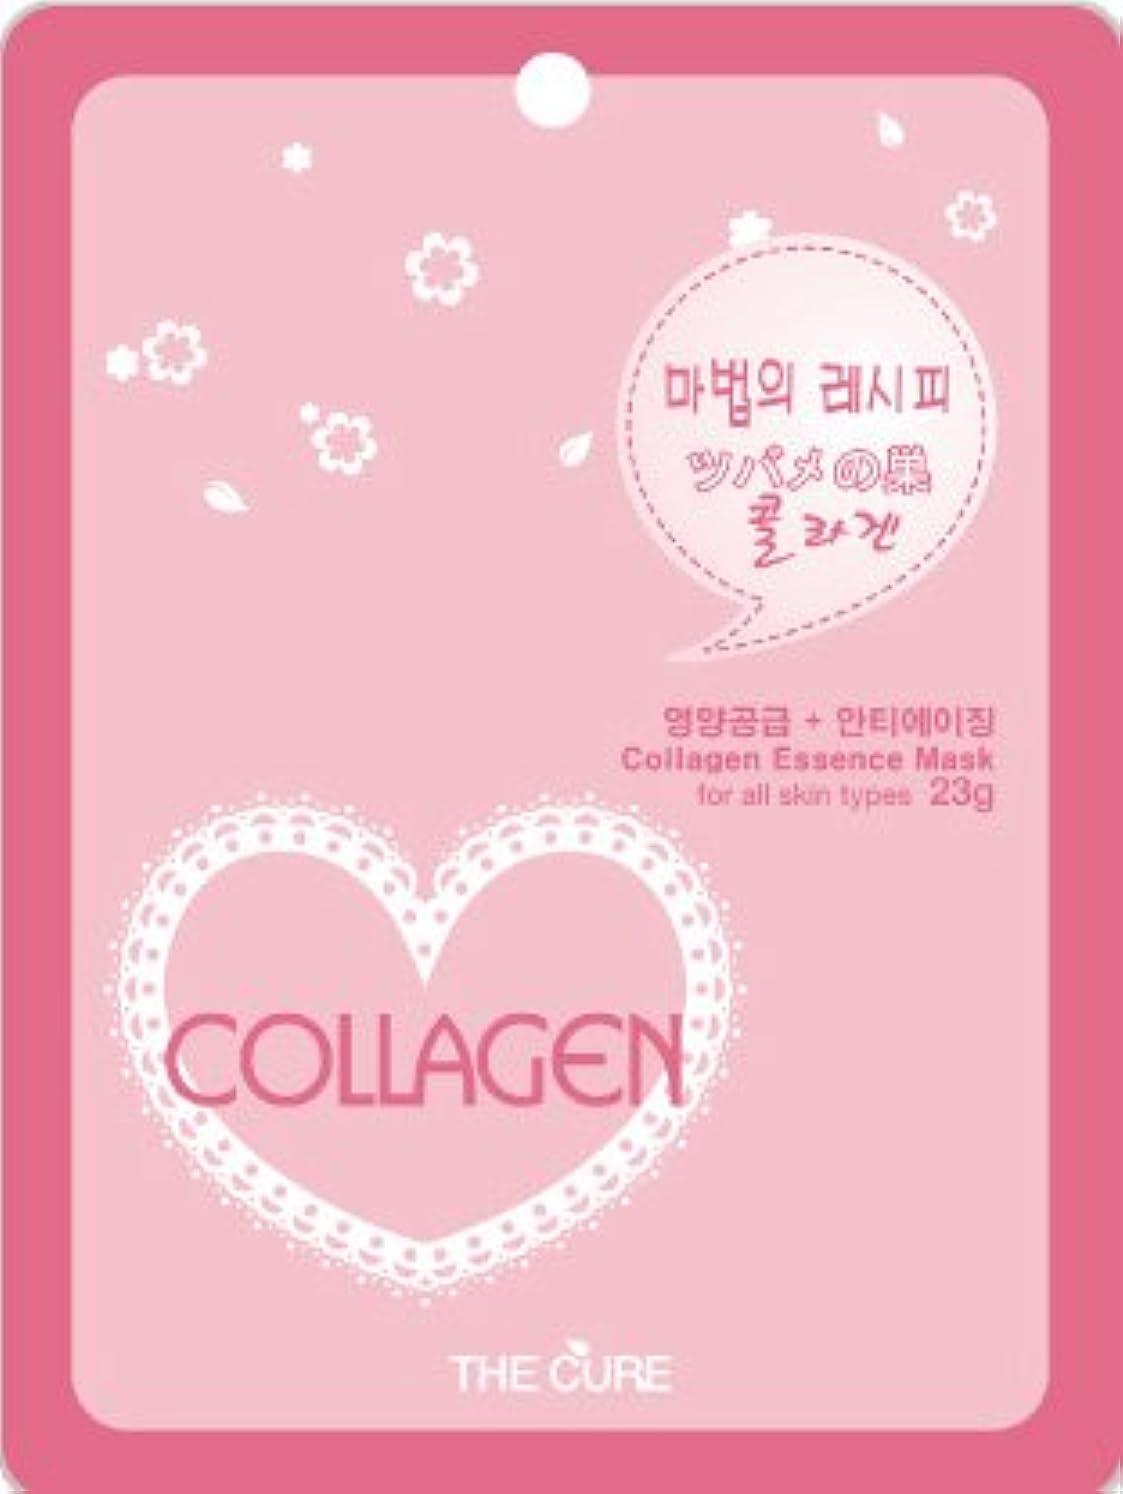 週間宝ハブコラーゲン エッセンス マスク THE CURE シート パック 10枚セット 韓国 コスメ 乾燥肌 オイリー肌 混合肌